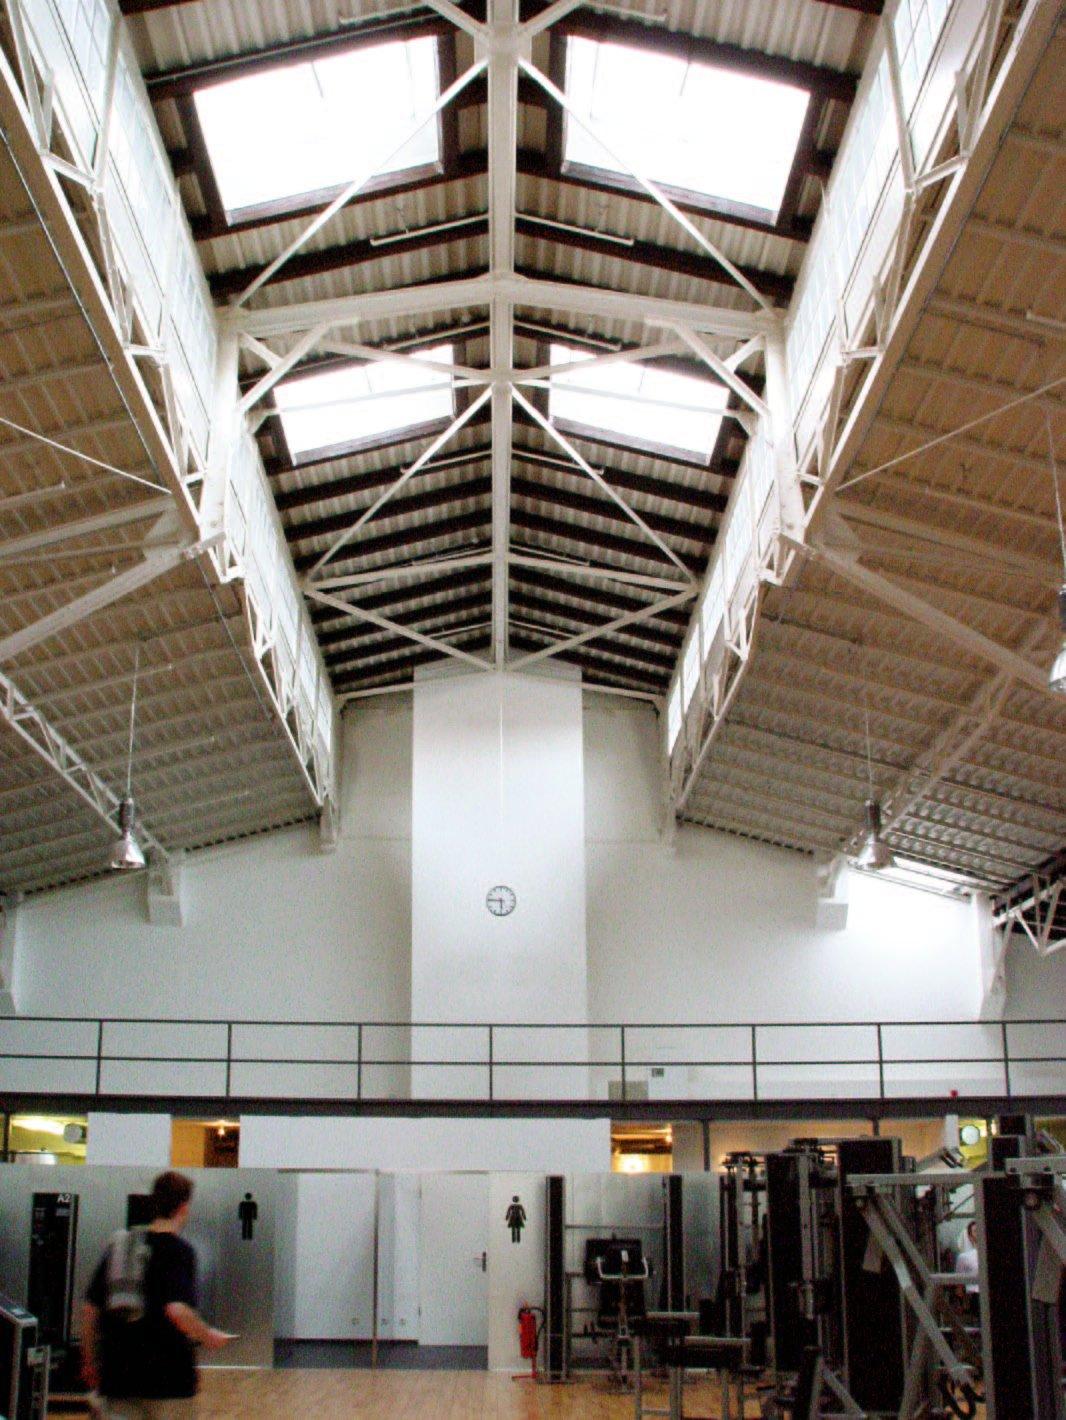 BVG Betriebsbahnhof - Innenhalle